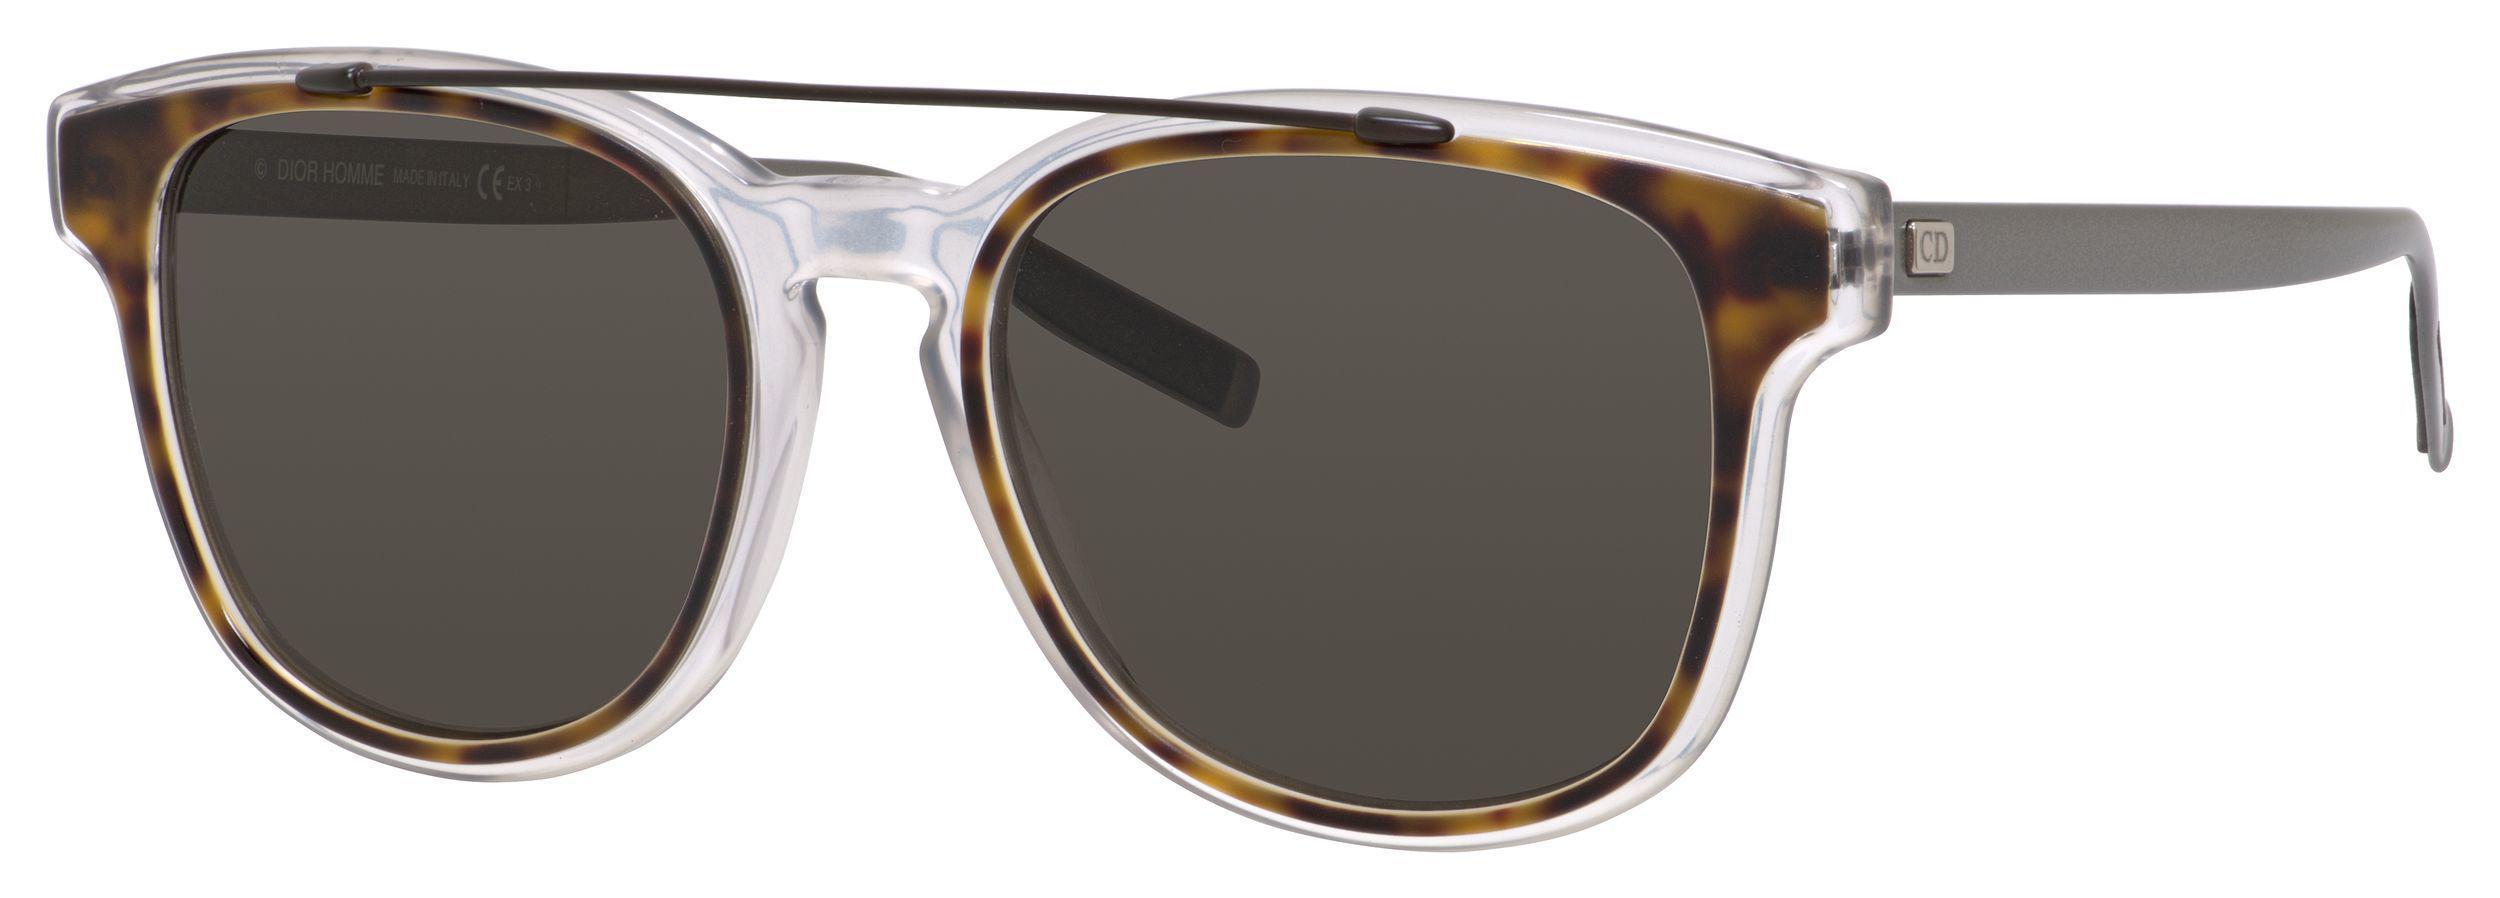 18e283ca26ea3 Lyst - Dior Homme Blacktie 211 Square Sunglasses